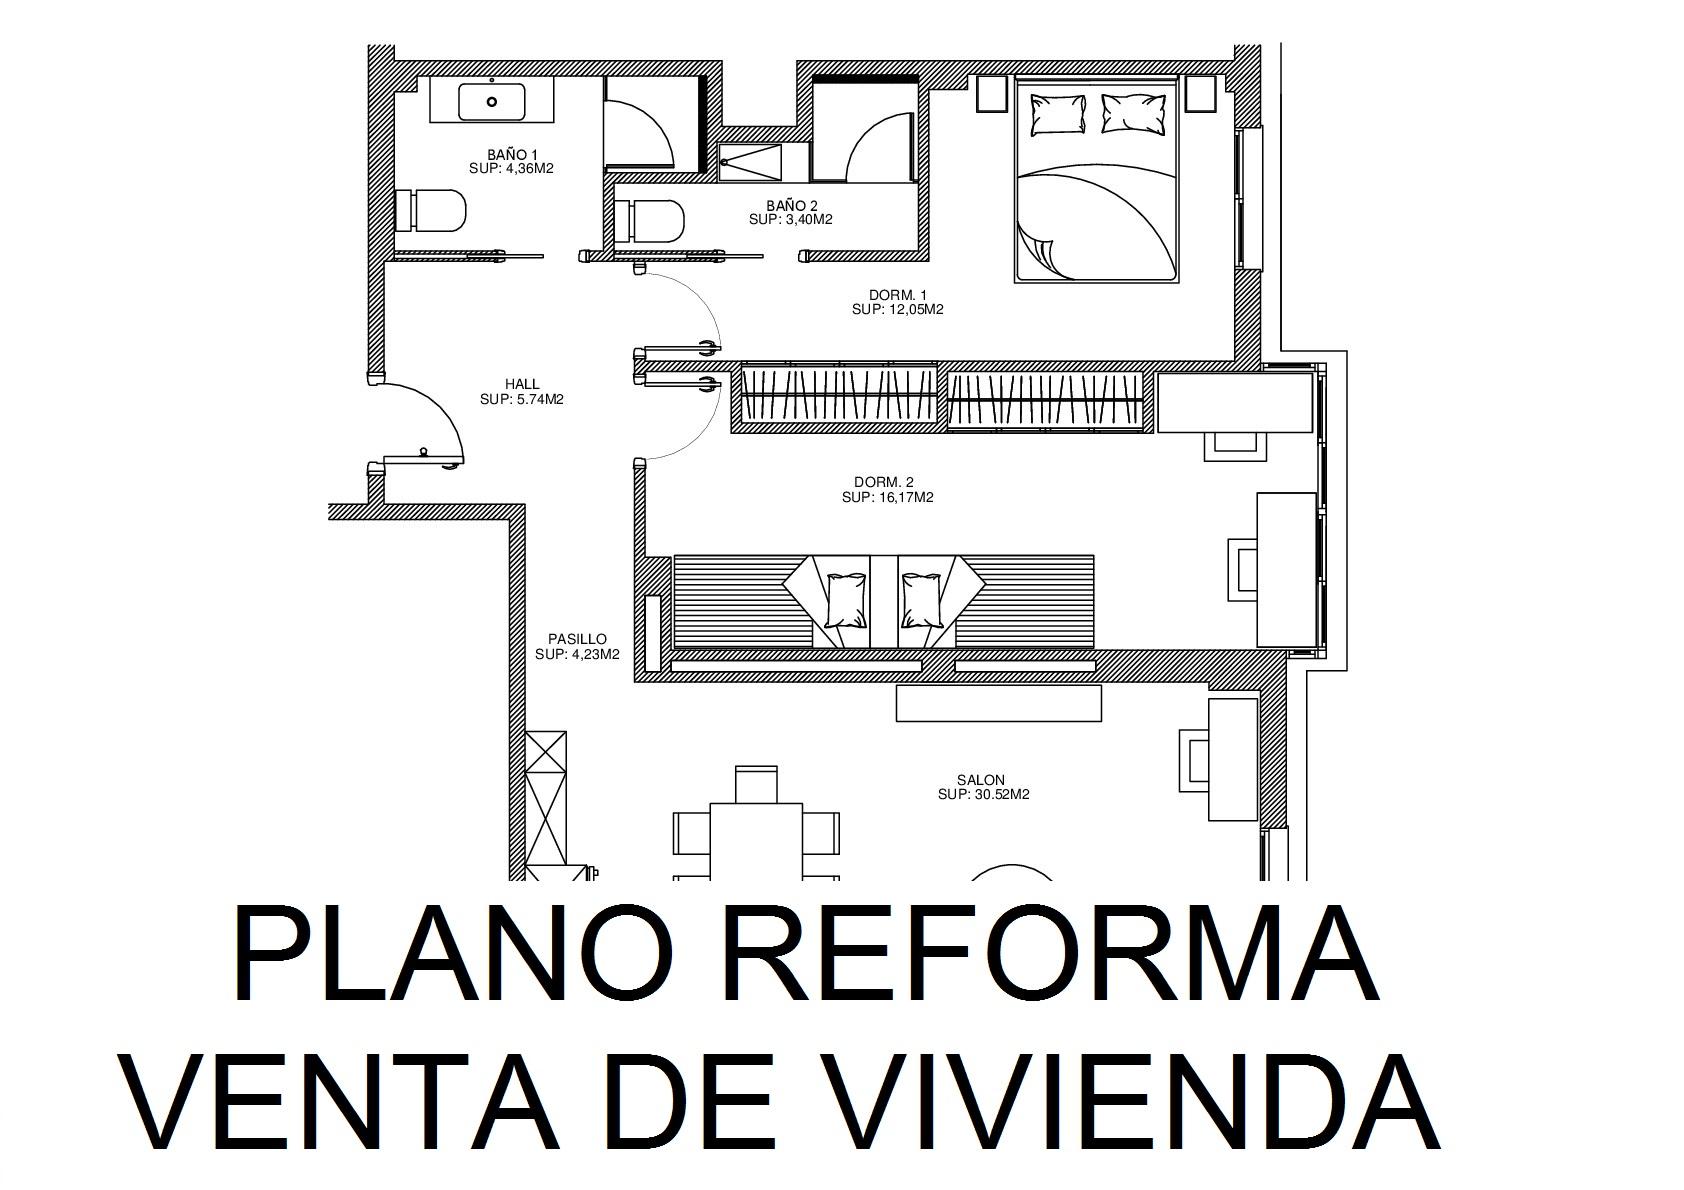 Servicio Planos de Reformas para la venta de viviendas